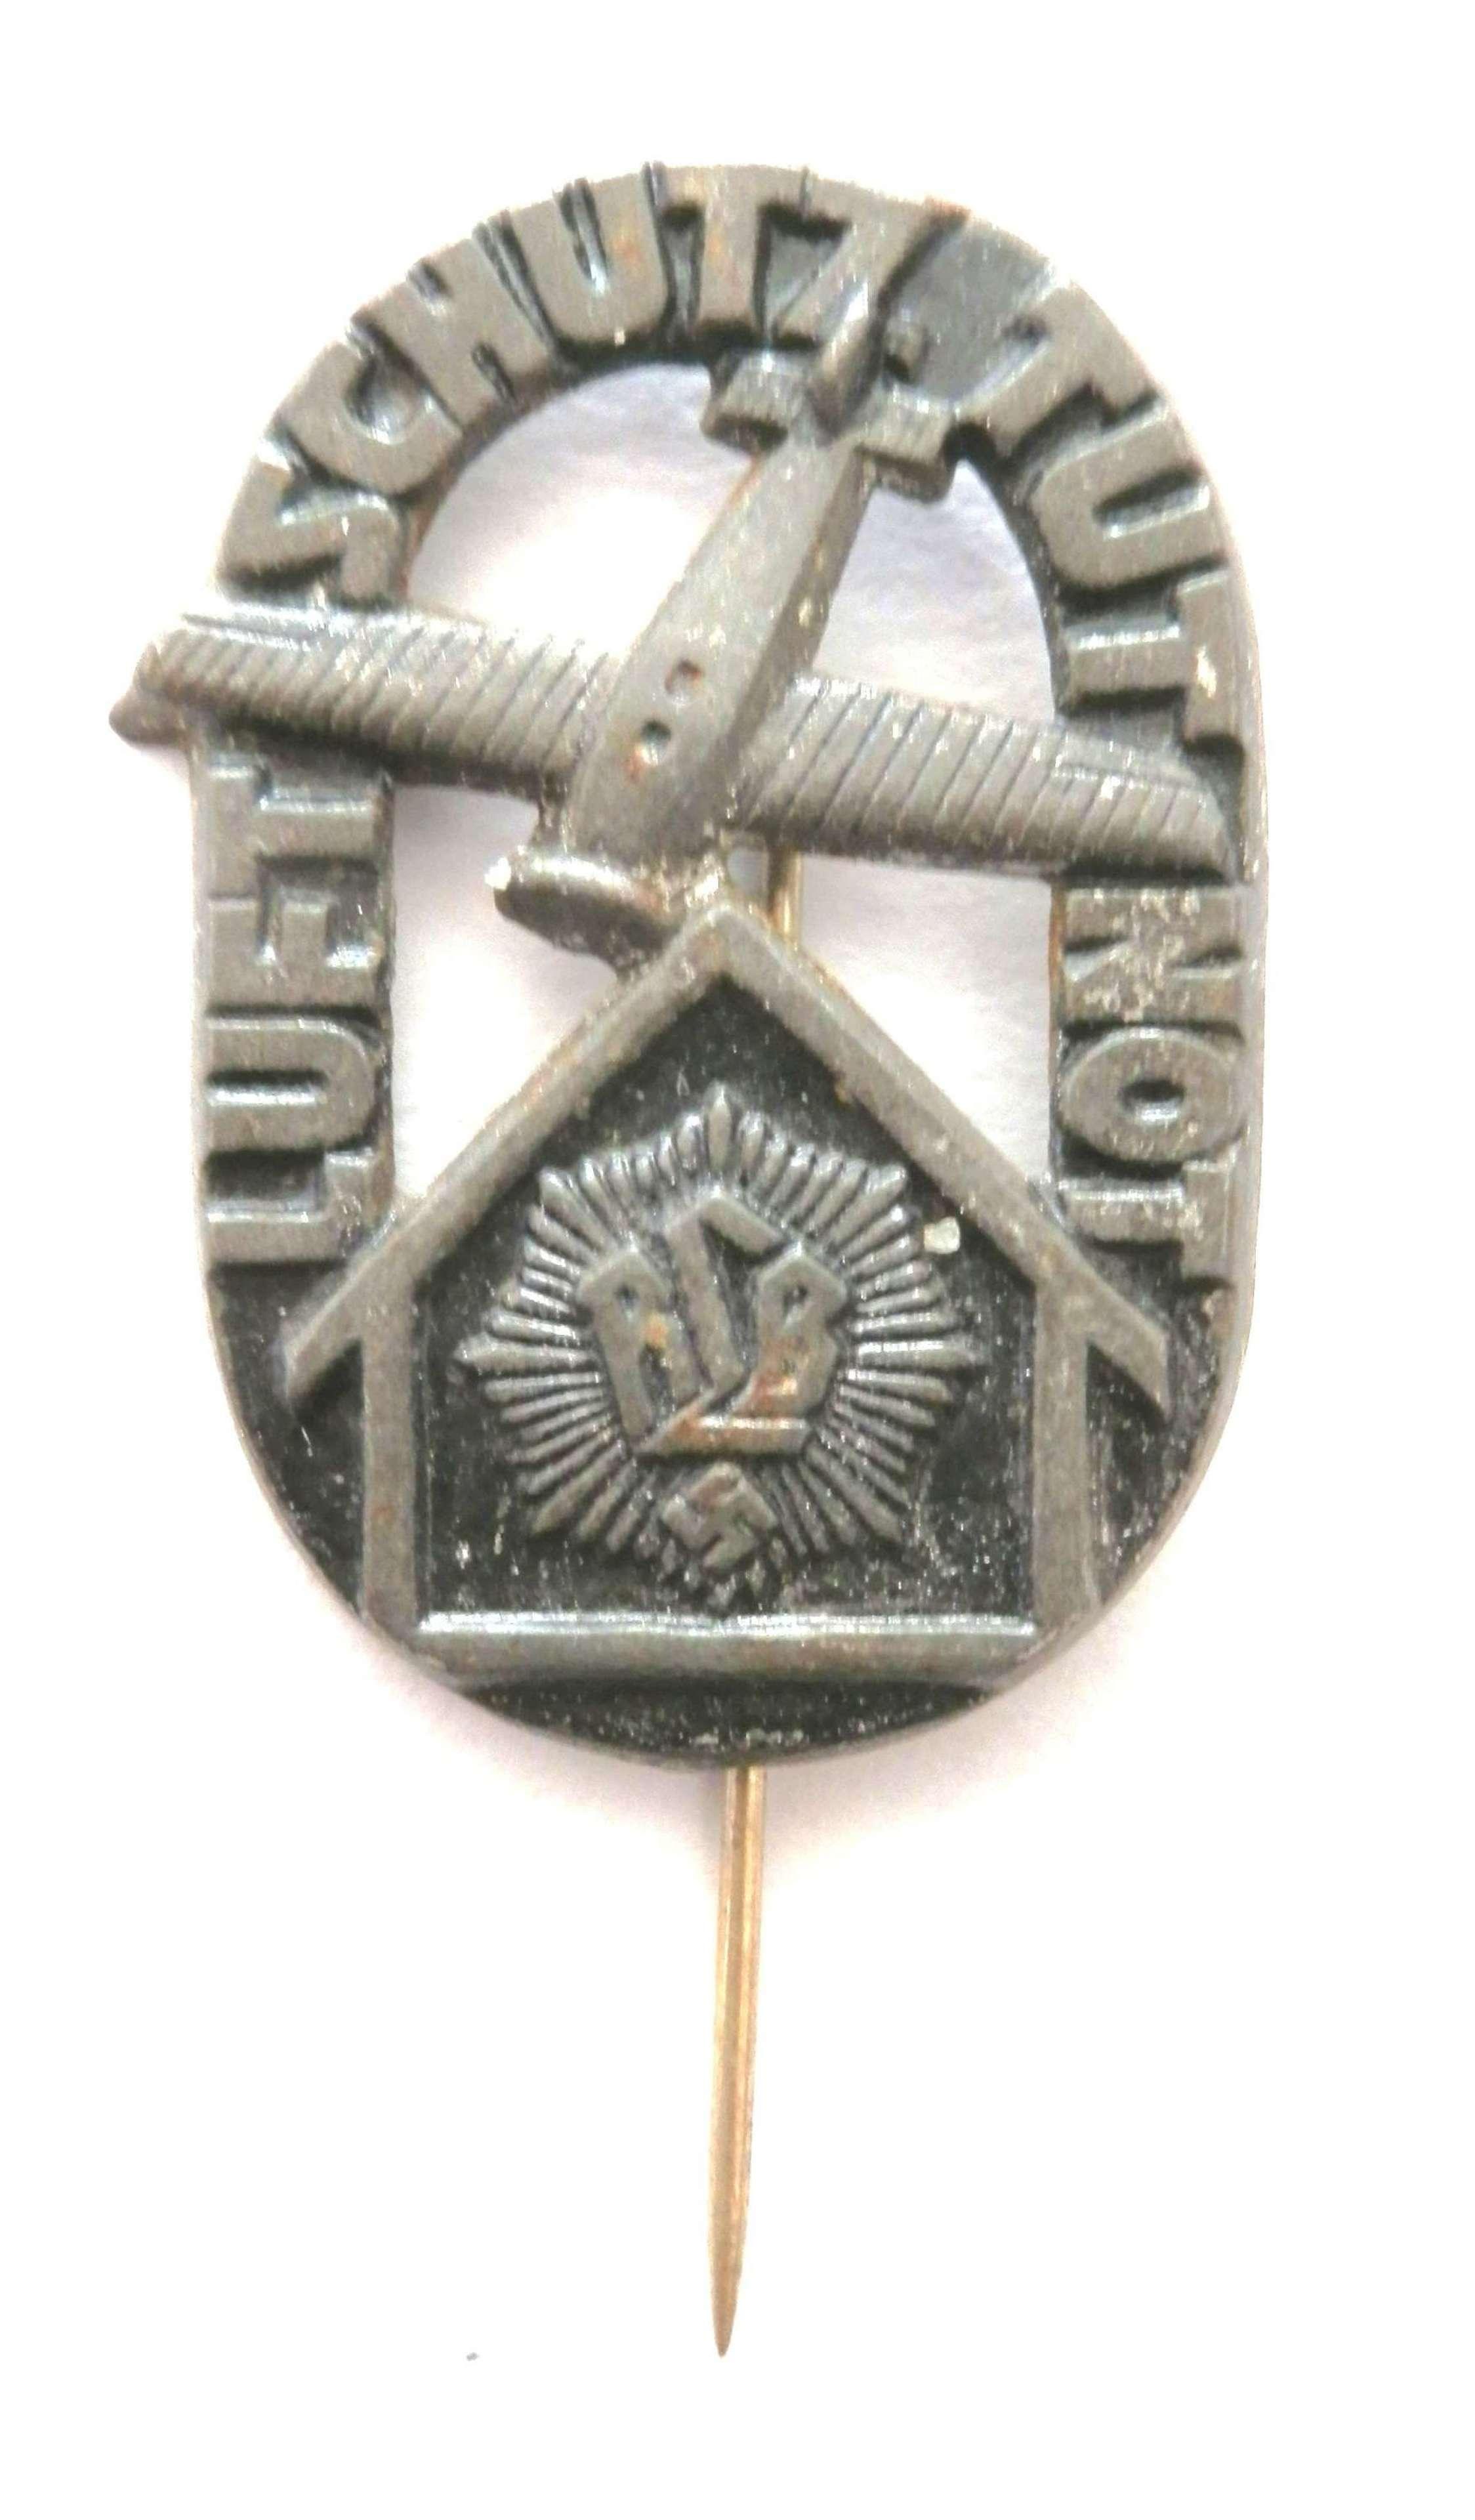 RLB 'Reichs Luftschutz Bund' Badge.